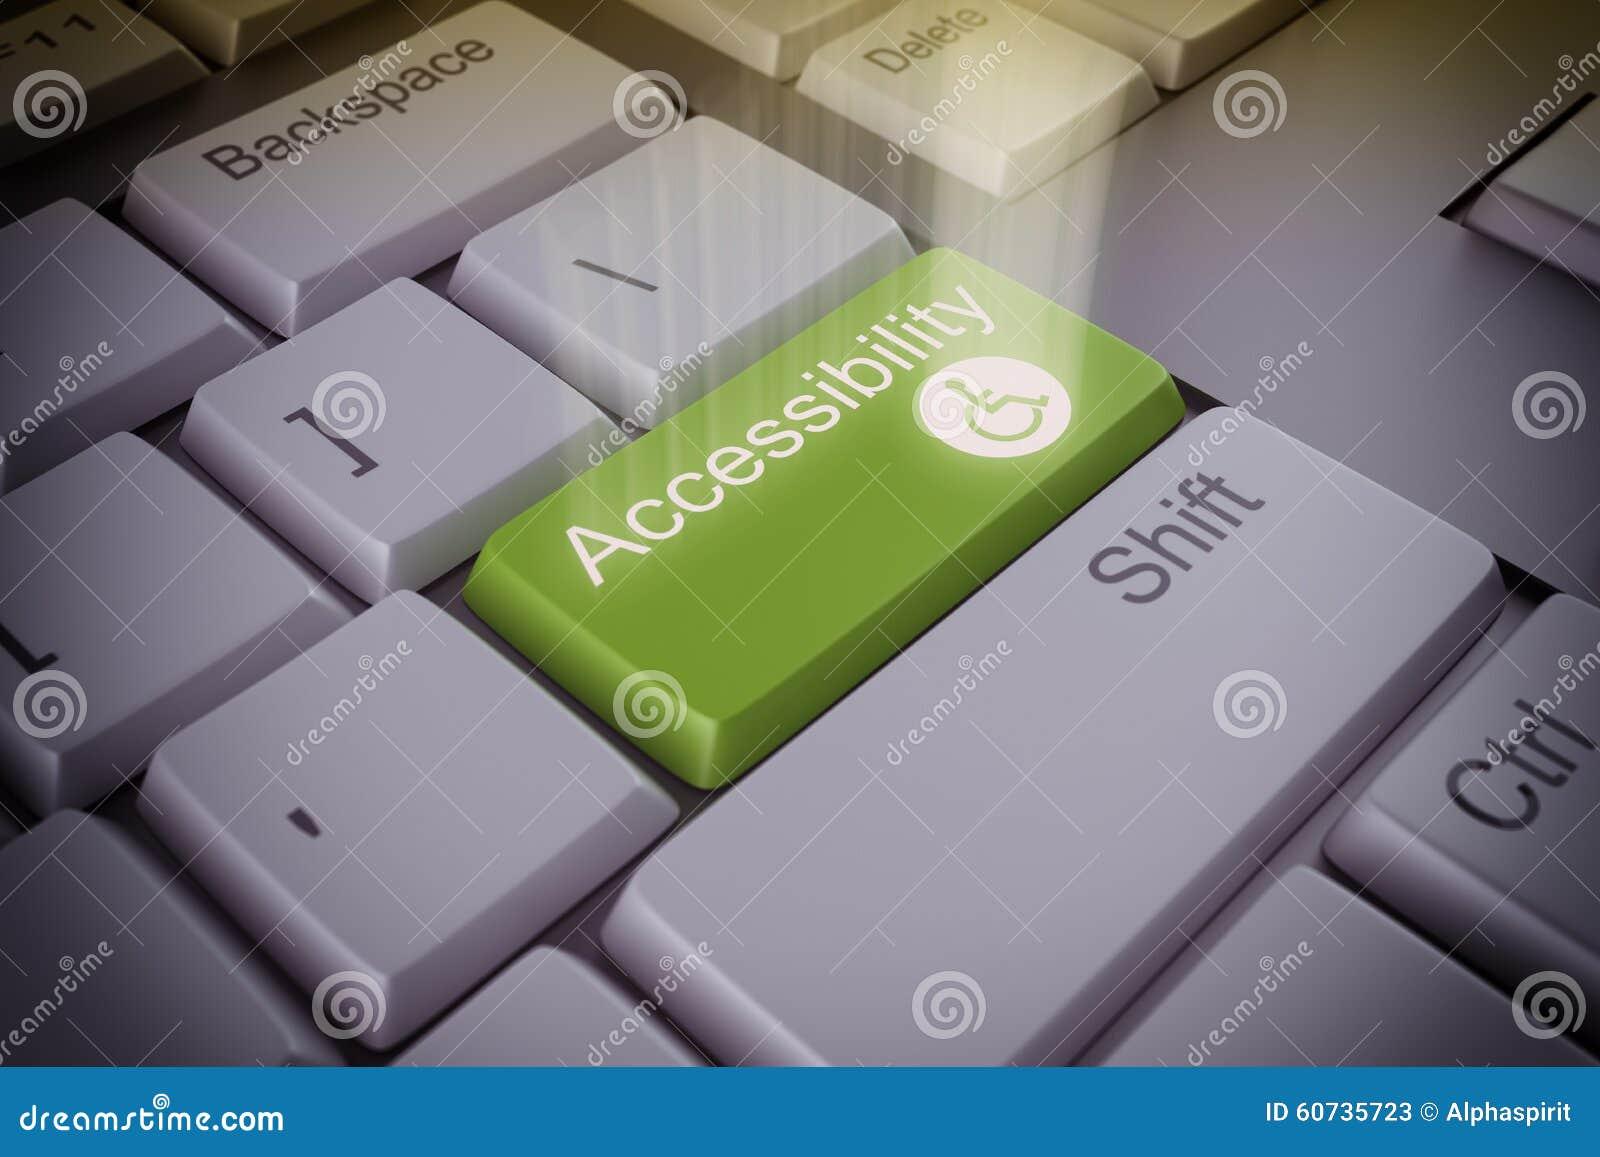 Ключ доступности